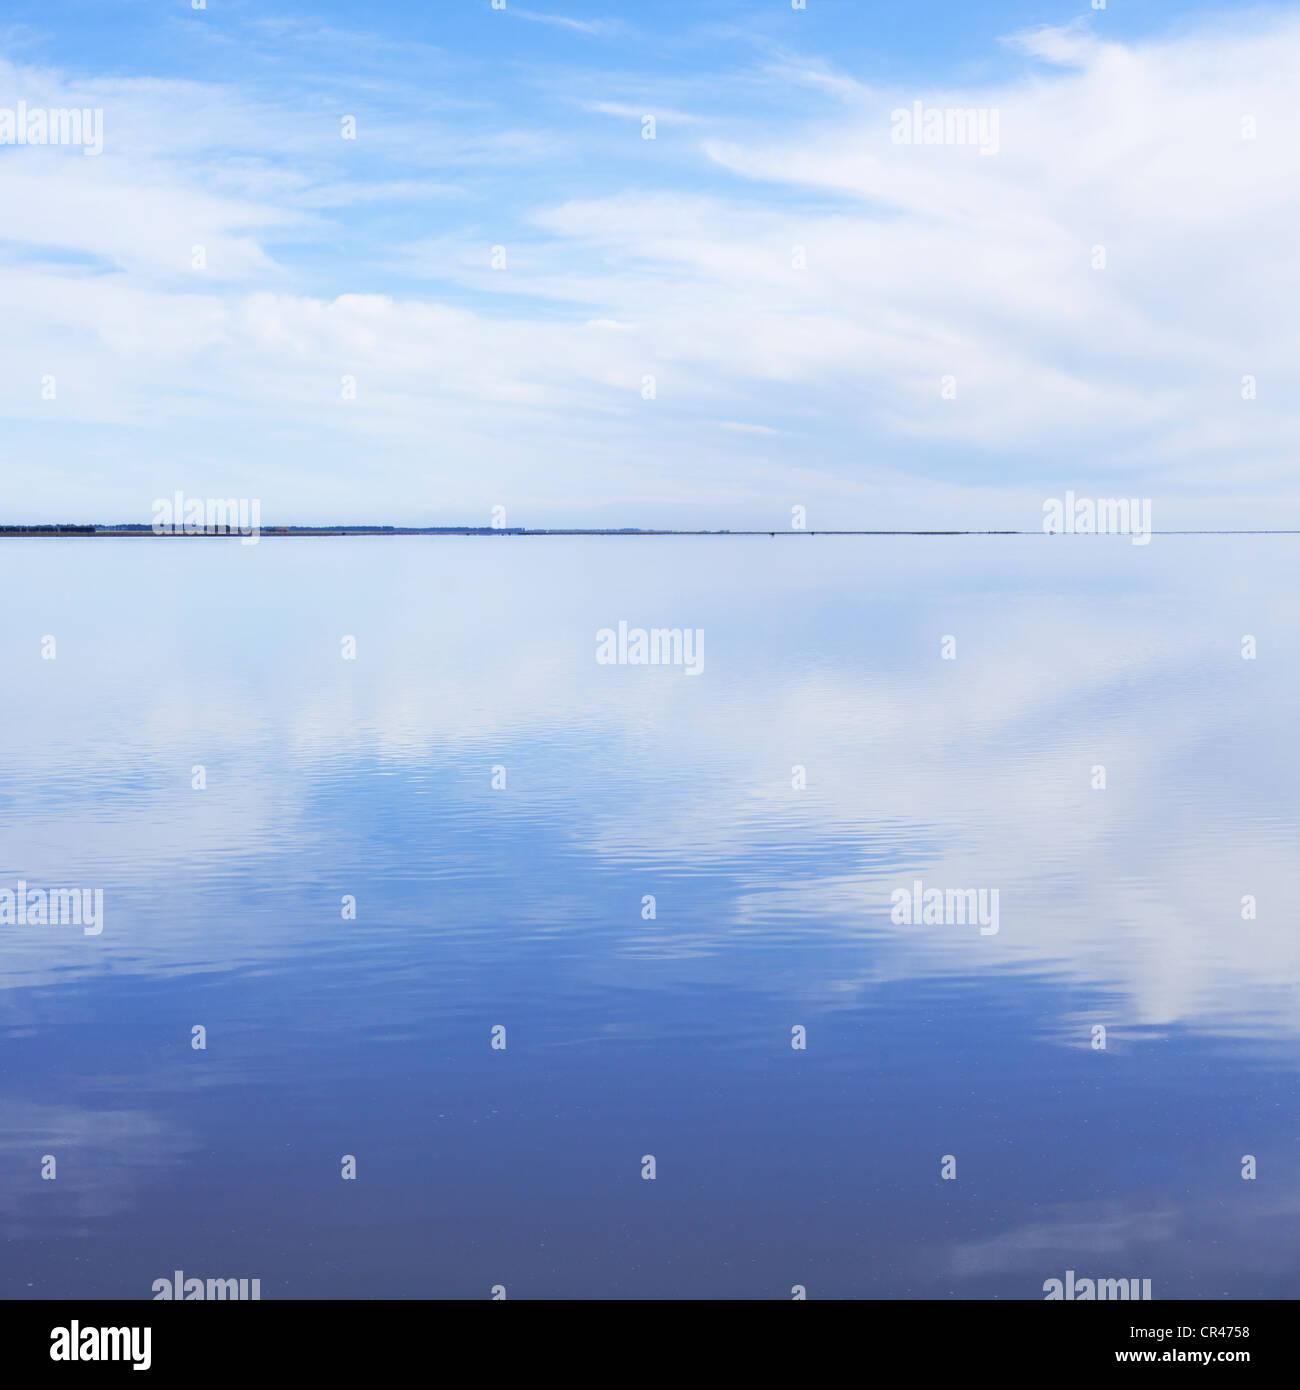 Liscia e tranquilla acqua che riflette le nuvole. Immagini Stock